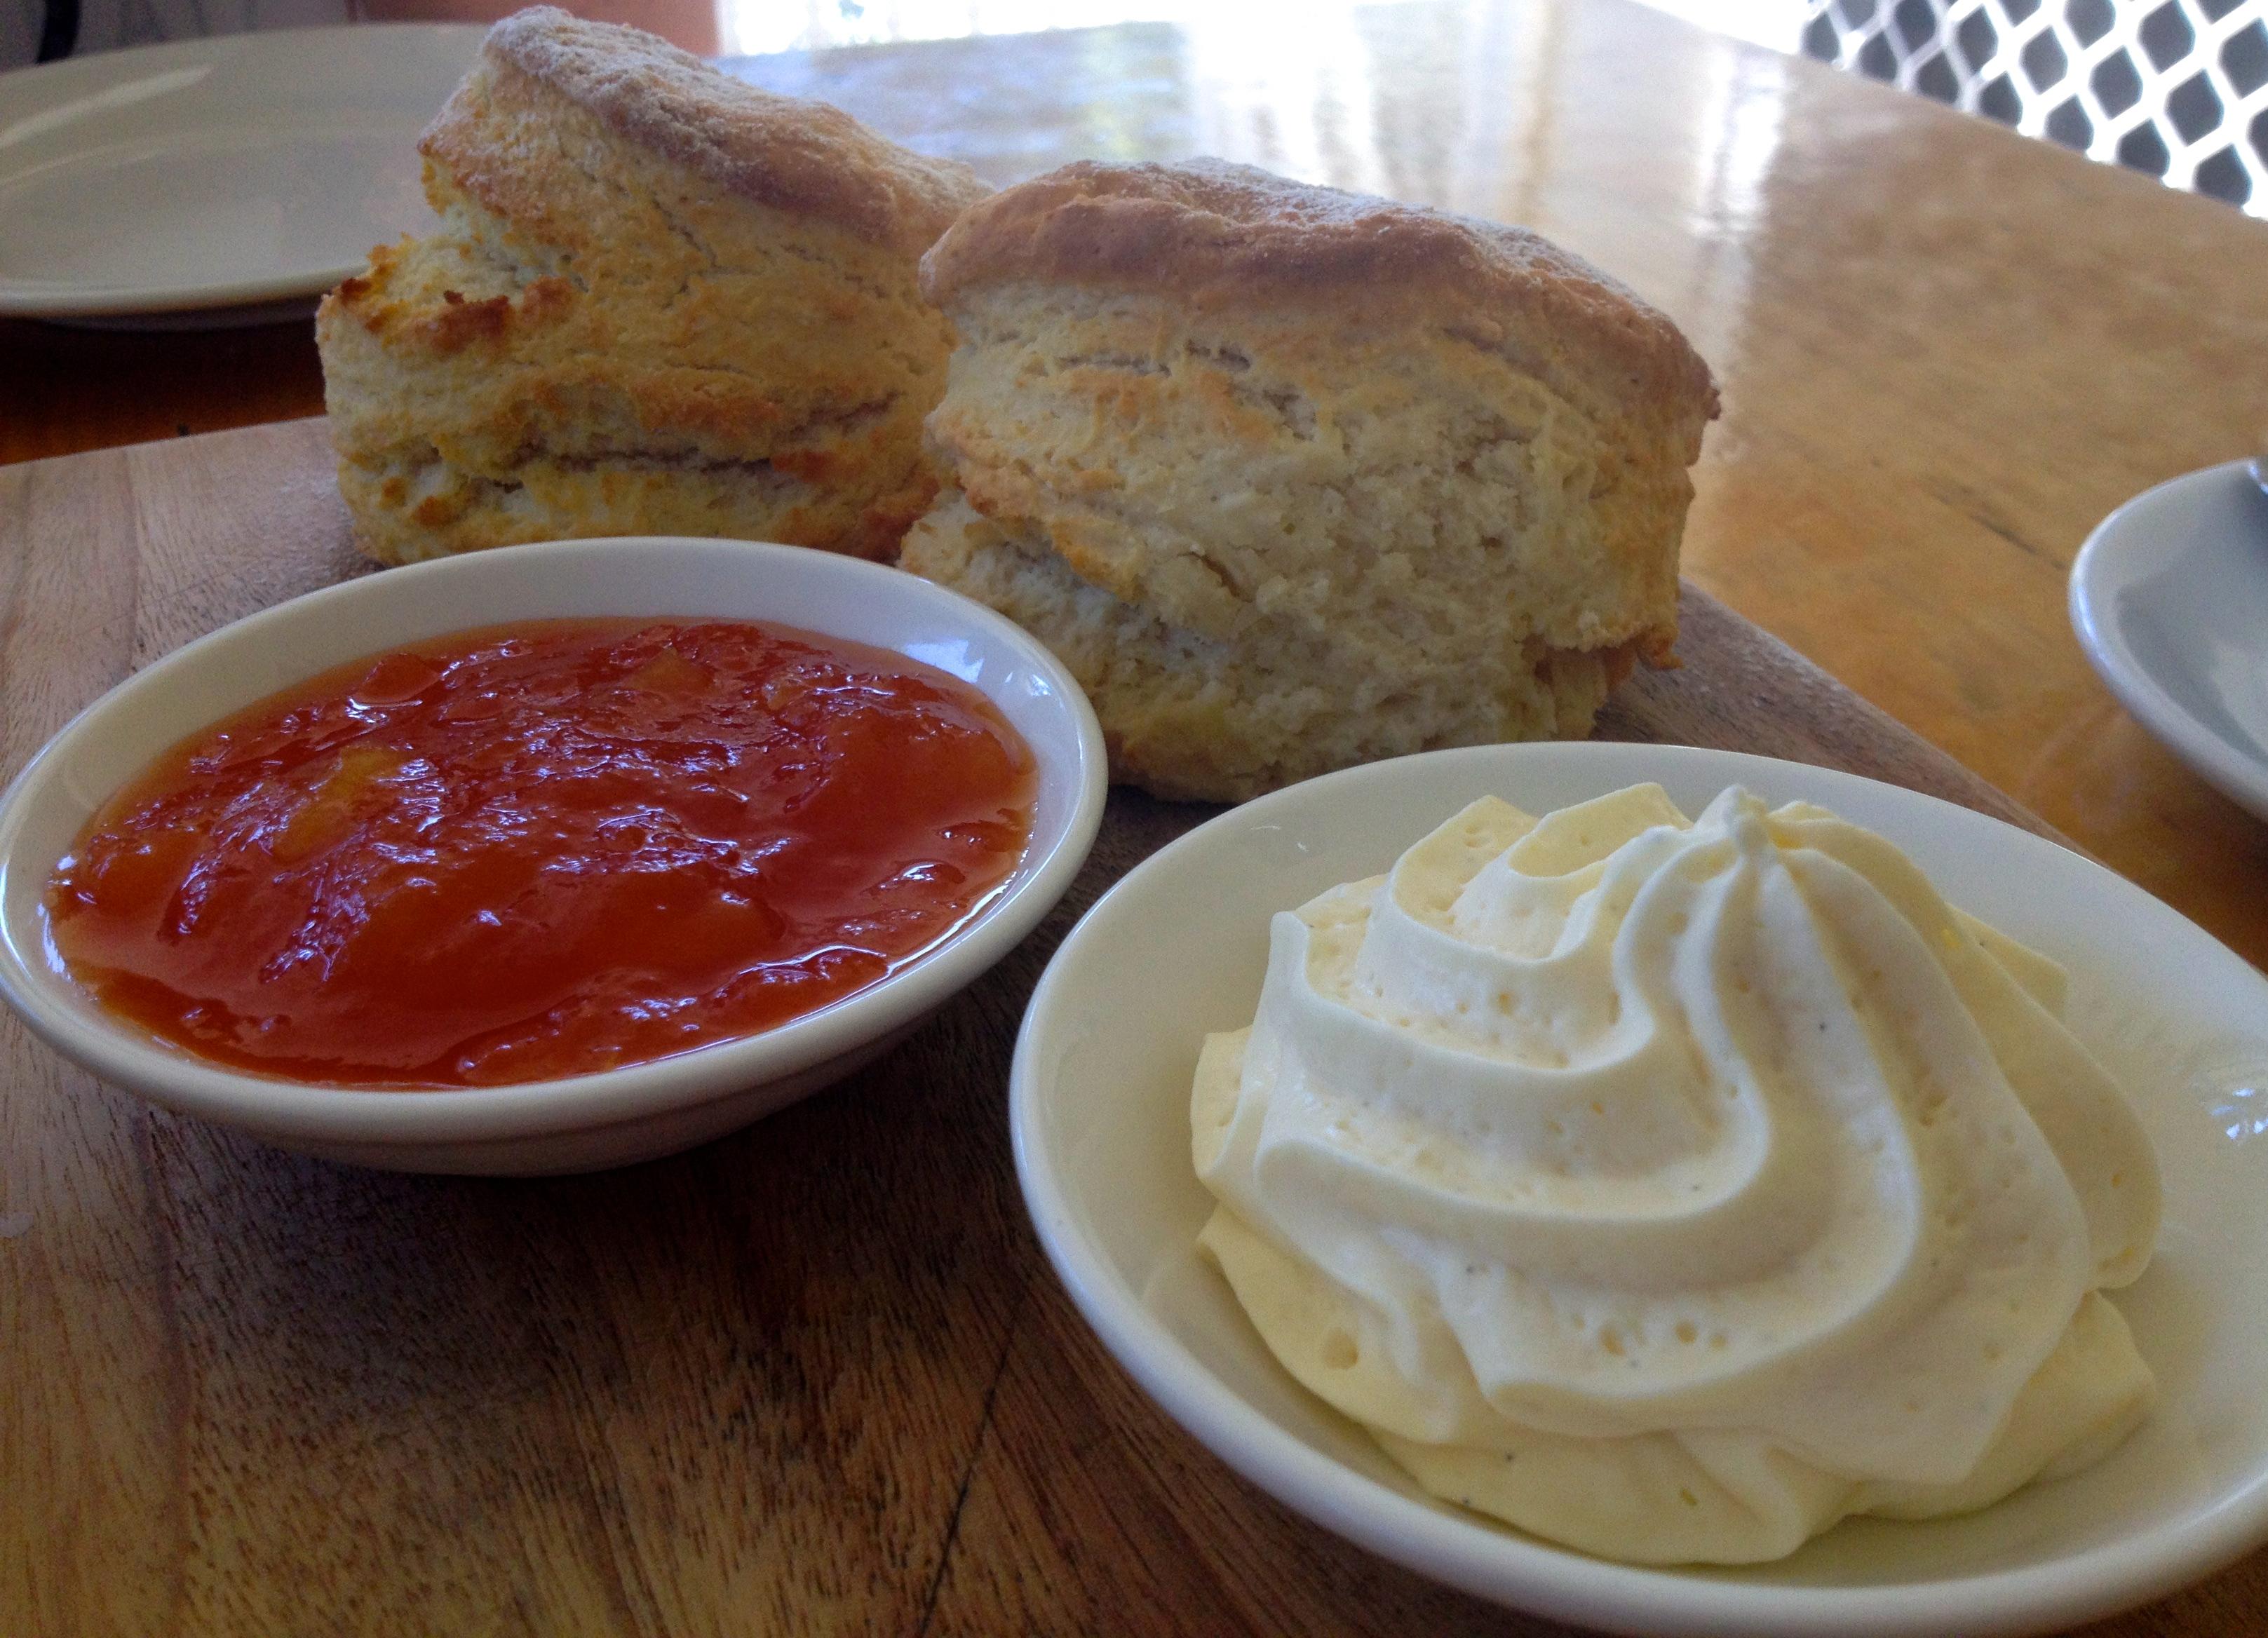 Mavis S Kitchen And Cabins The Devonshire Tea Guide